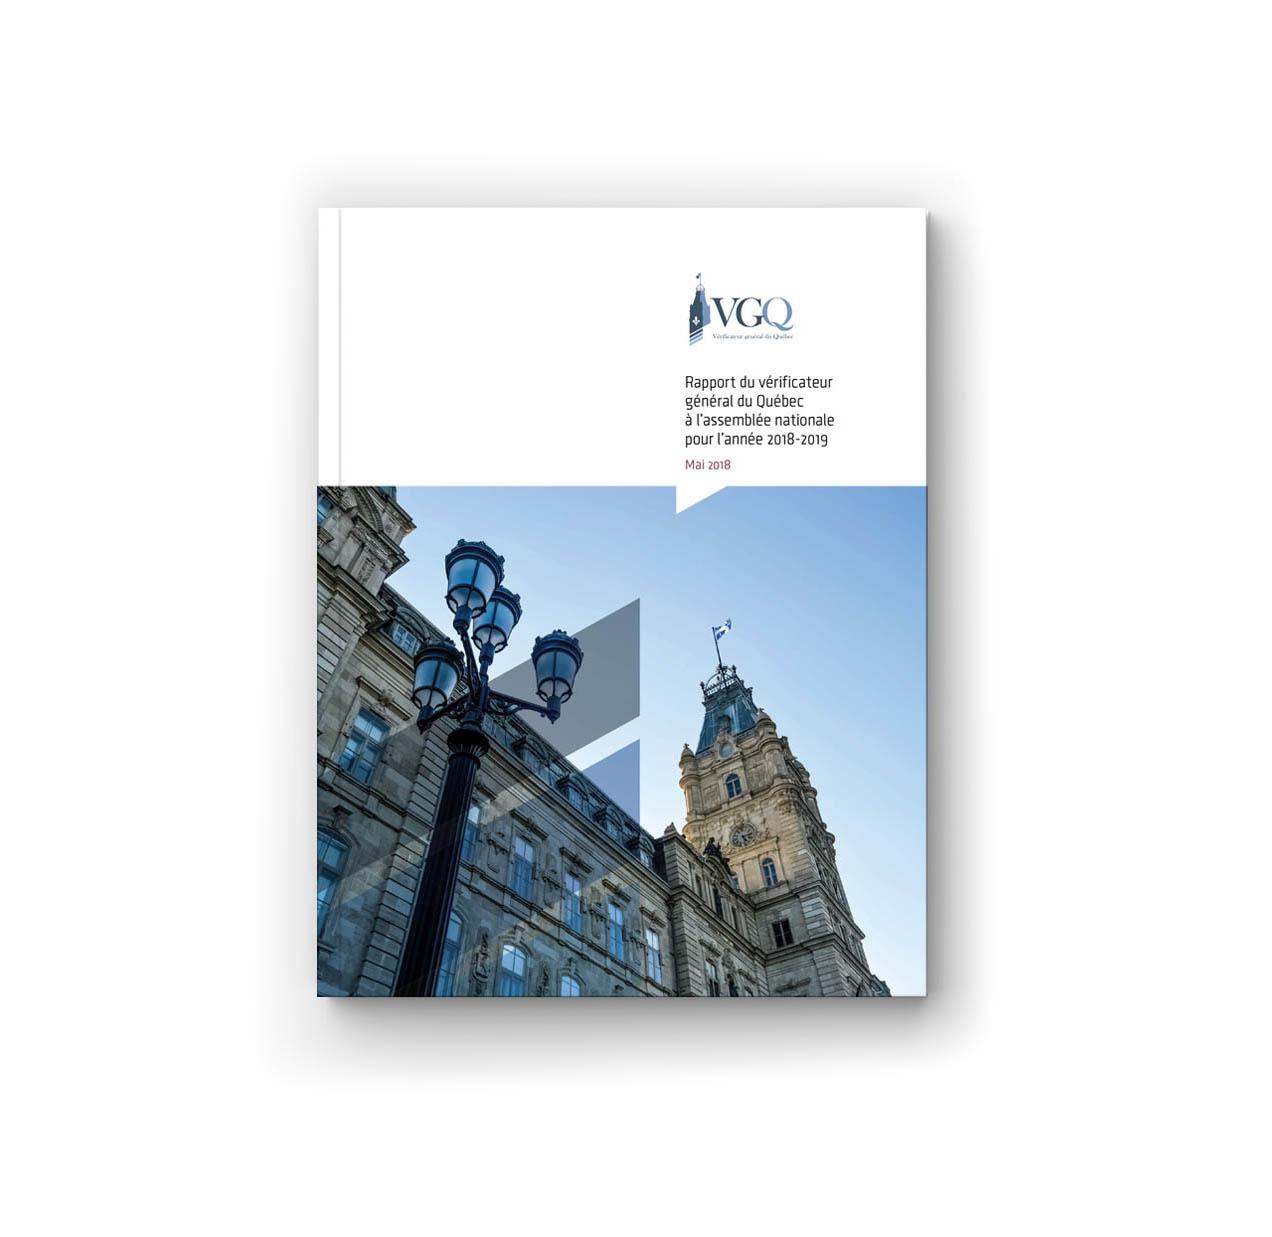 VGQ-Couverture rapport-apport en collaboration avec Interscript